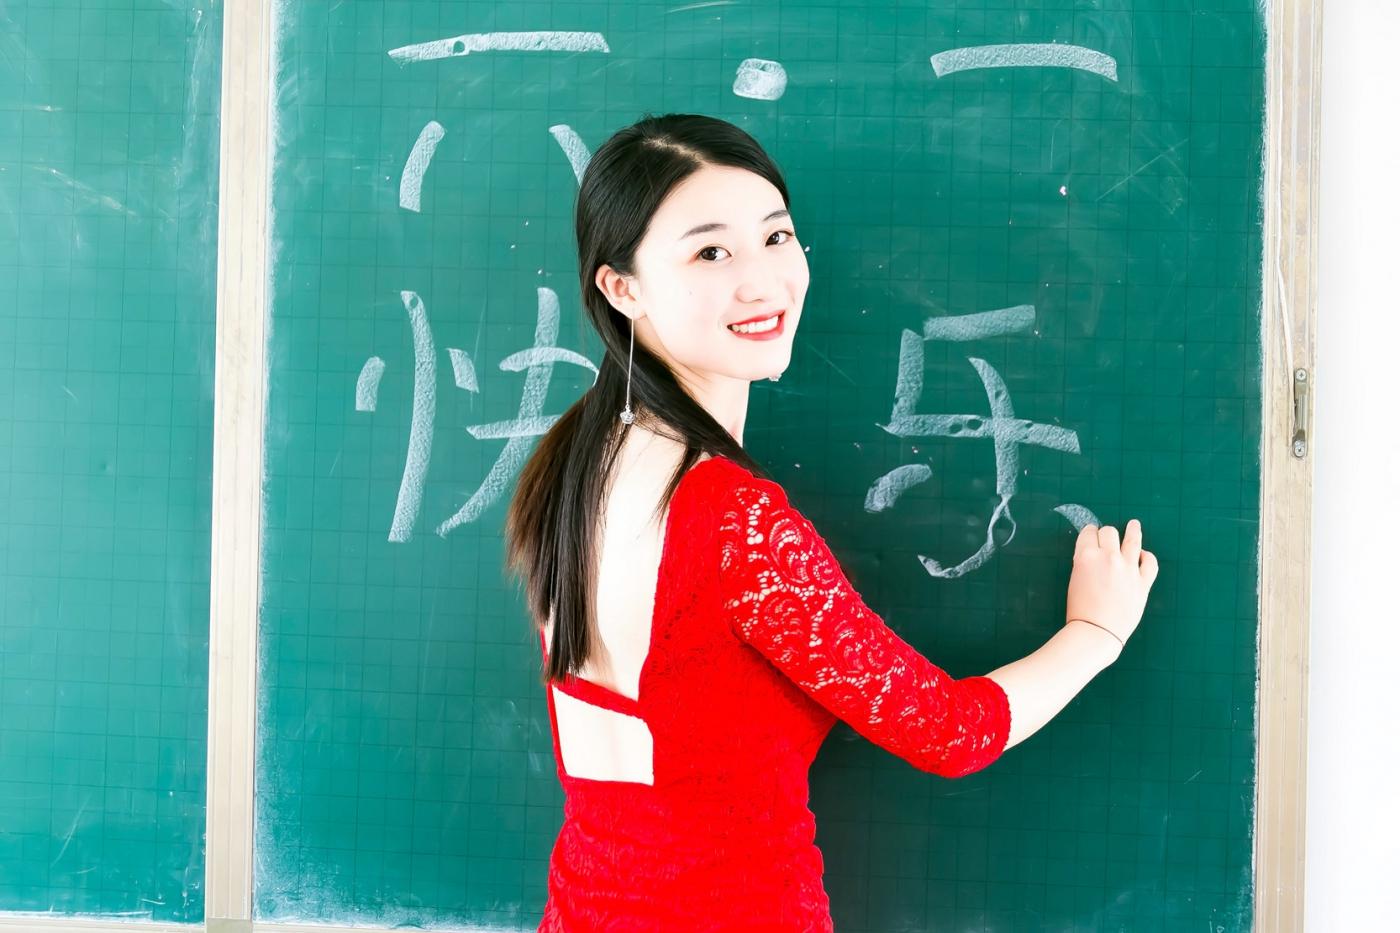 和偶遇的美丽乡村女教师一起过六一_图1-2